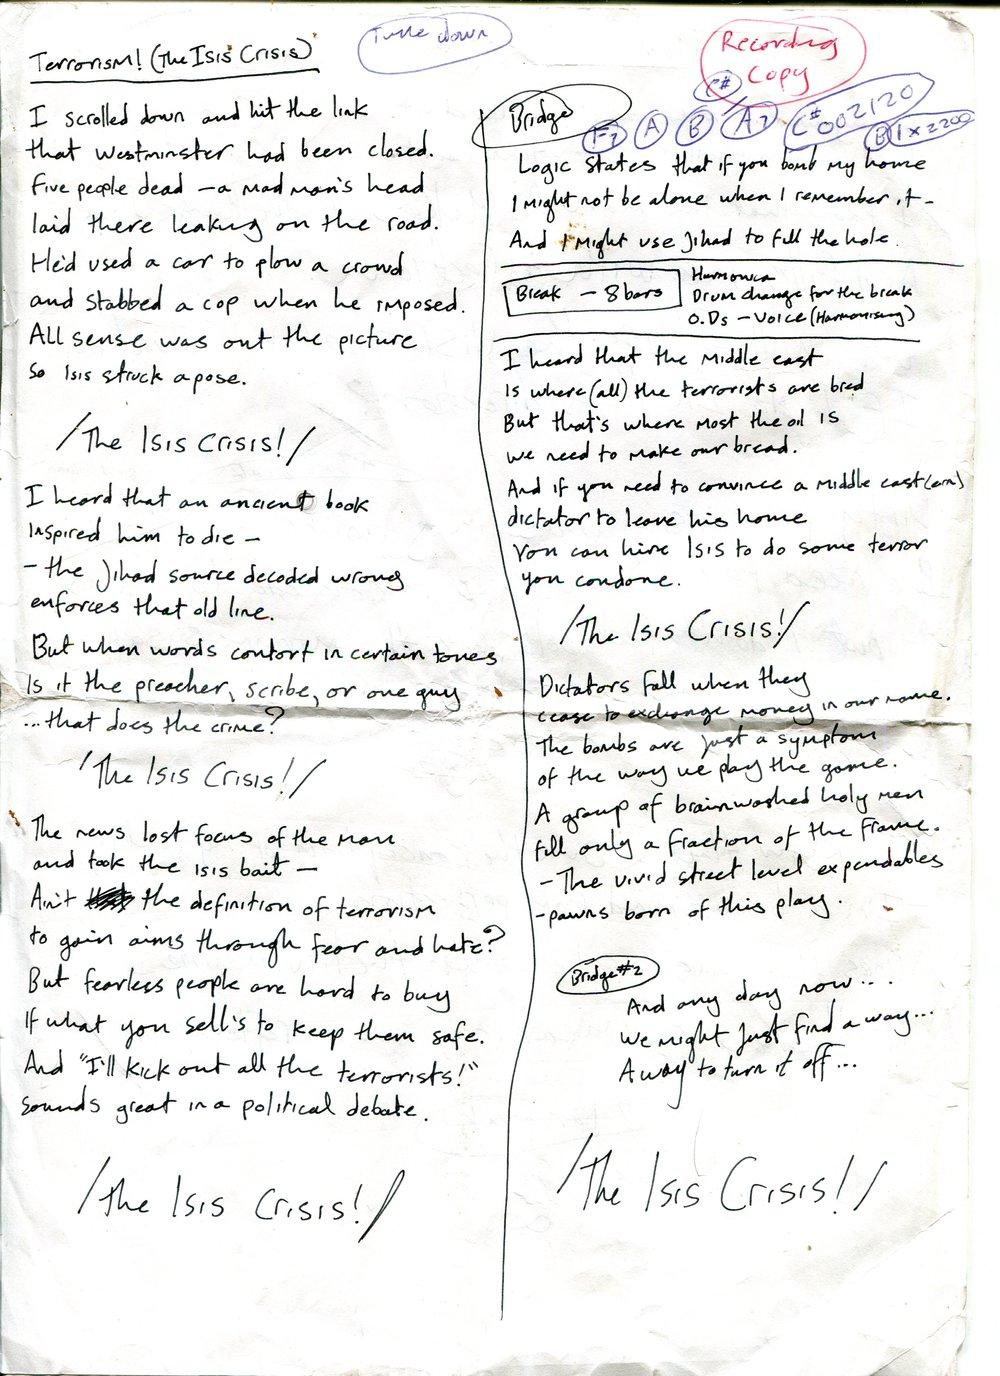 L.A. Salami – Terrorism! (The Isis Crisis) Lyrics